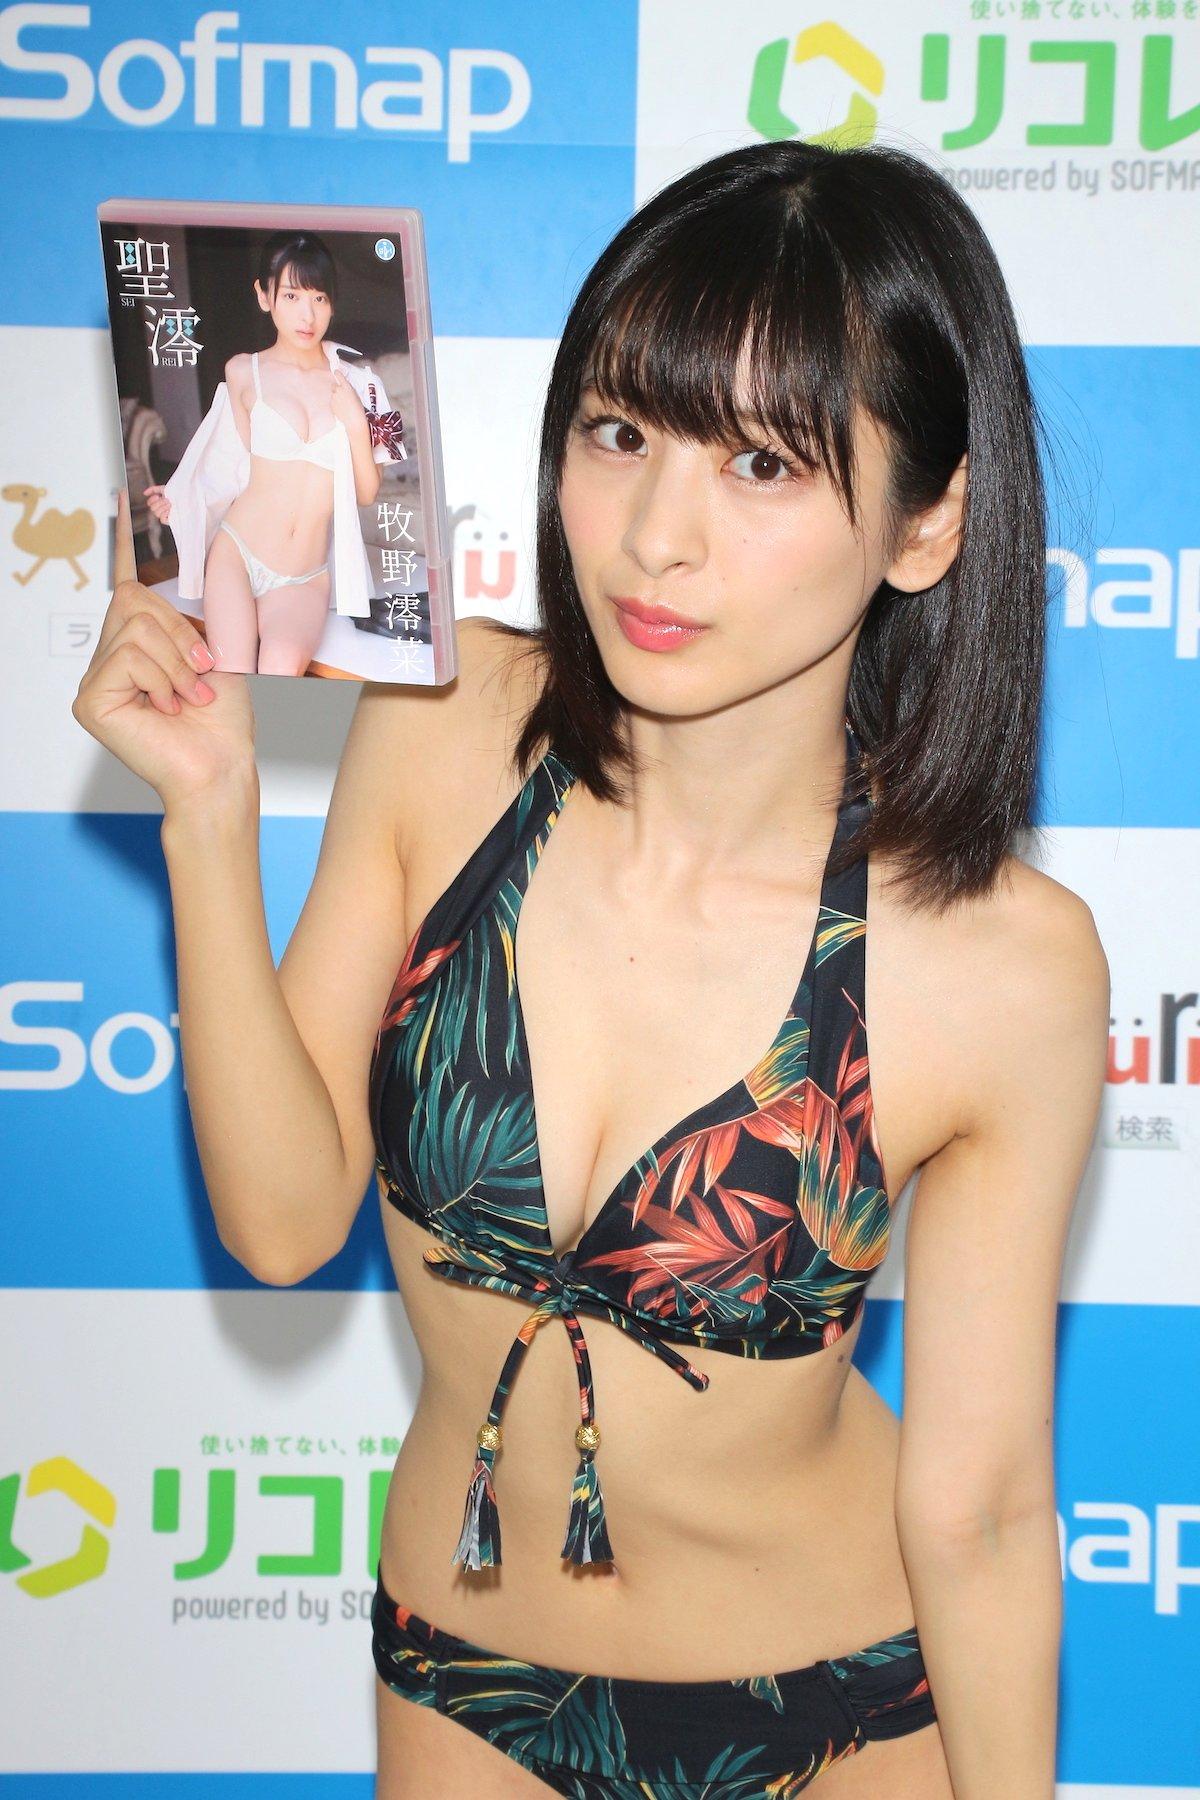 牧野澪菜「144cmのセクシーボディ」スクール水着でやらかしちゃった【画像61枚】の画像054